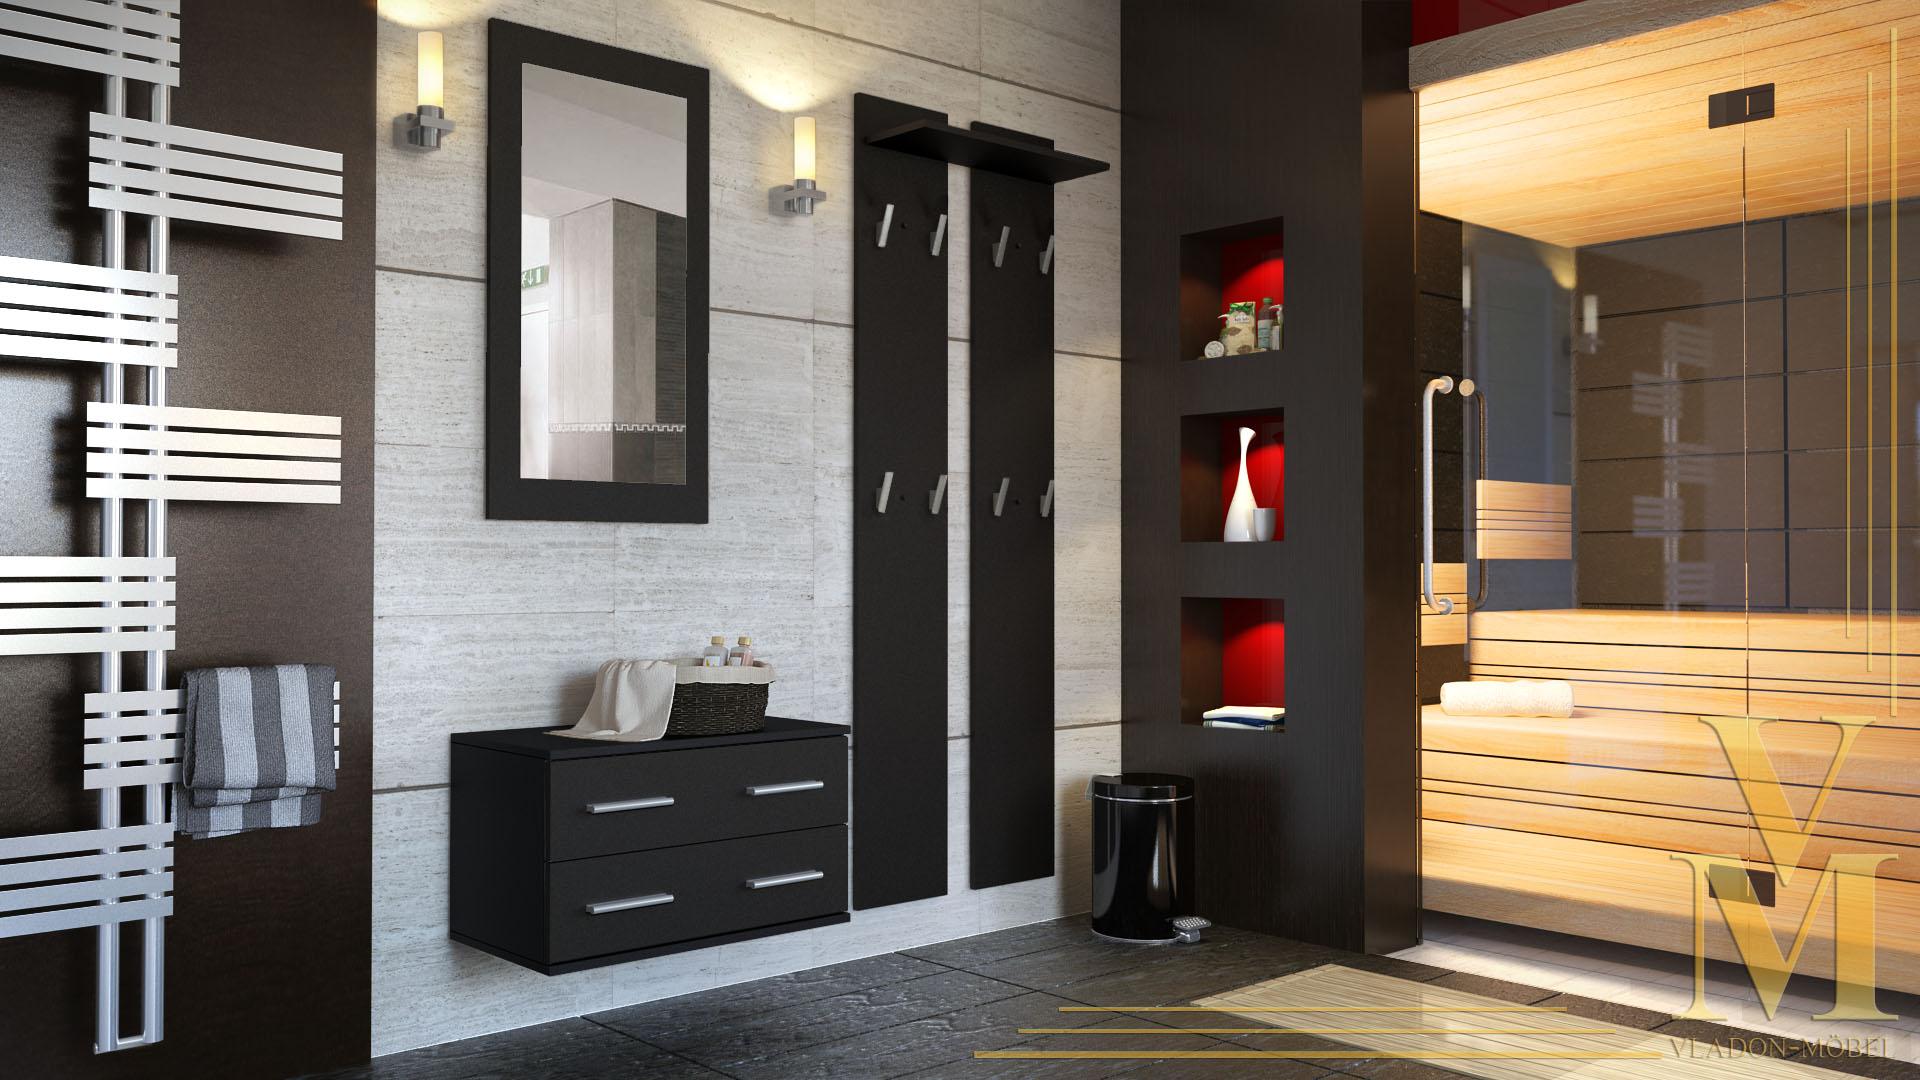 garderobenset flur garderobe diele kioto in schwarz. Black Bedroom Furniture Sets. Home Design Ideas